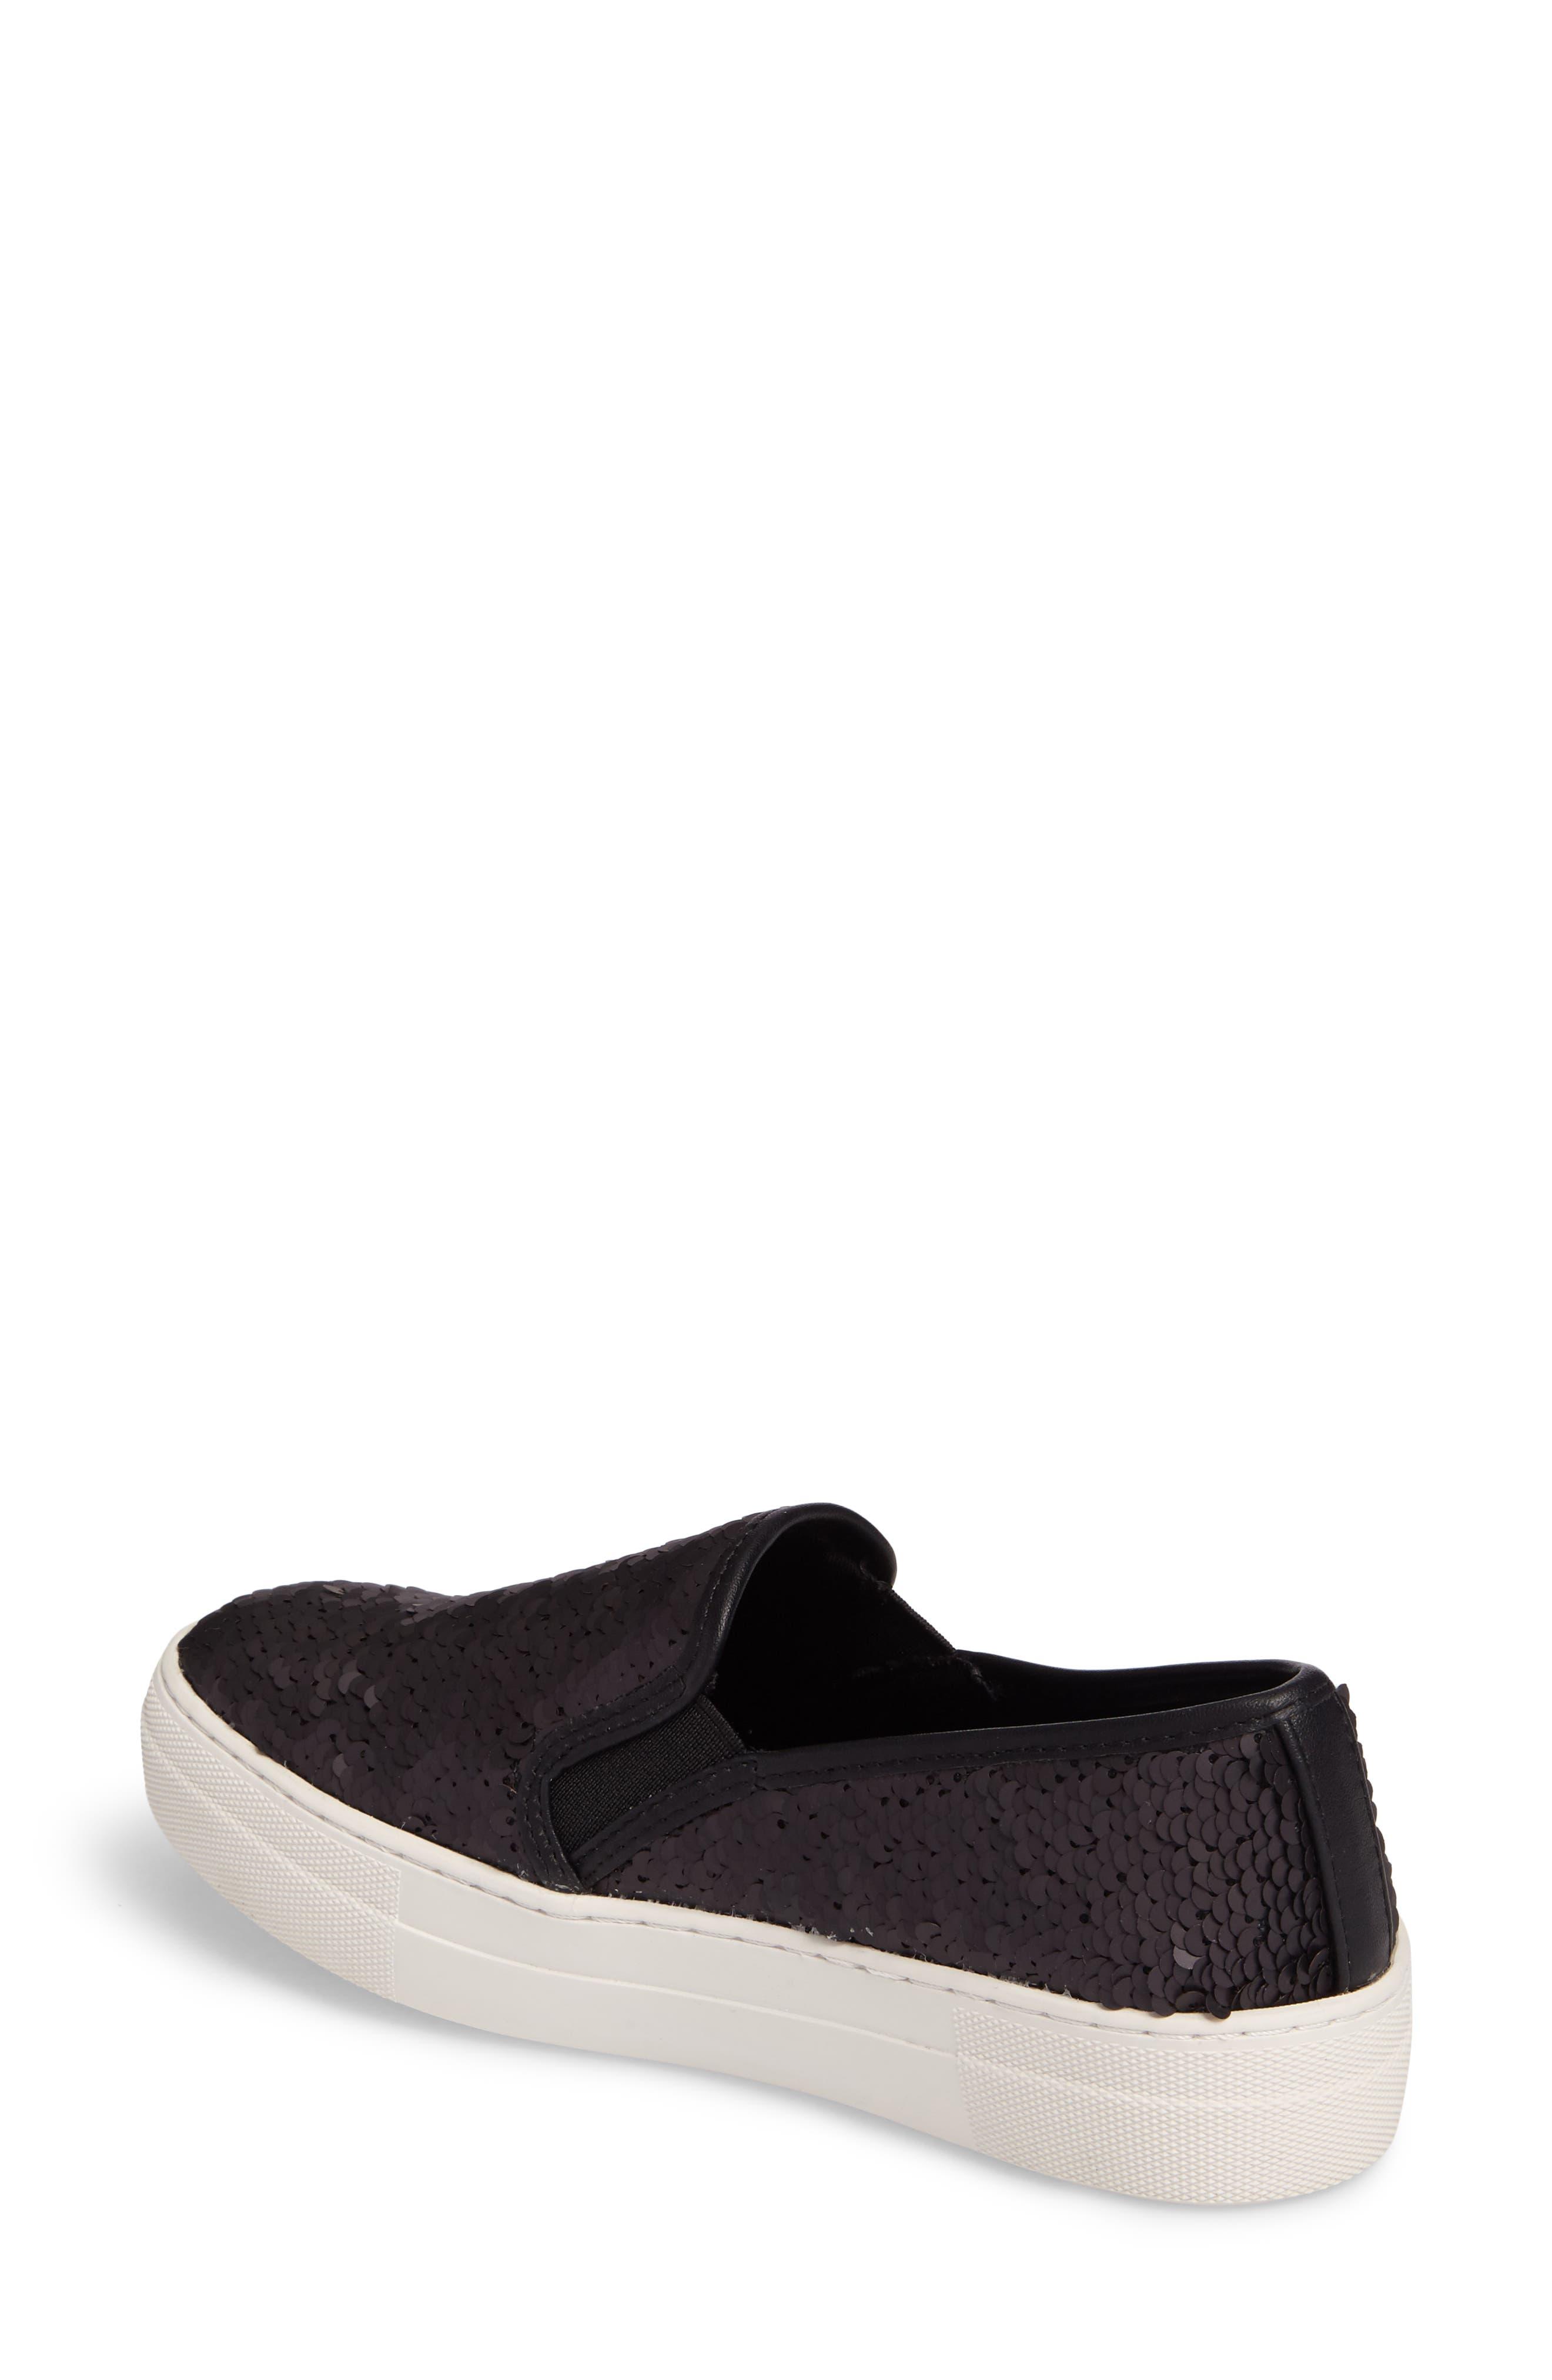 Gills Sequined Slip-On Platform Sneaker,                             Alternate thumbnail 2, color,                             001